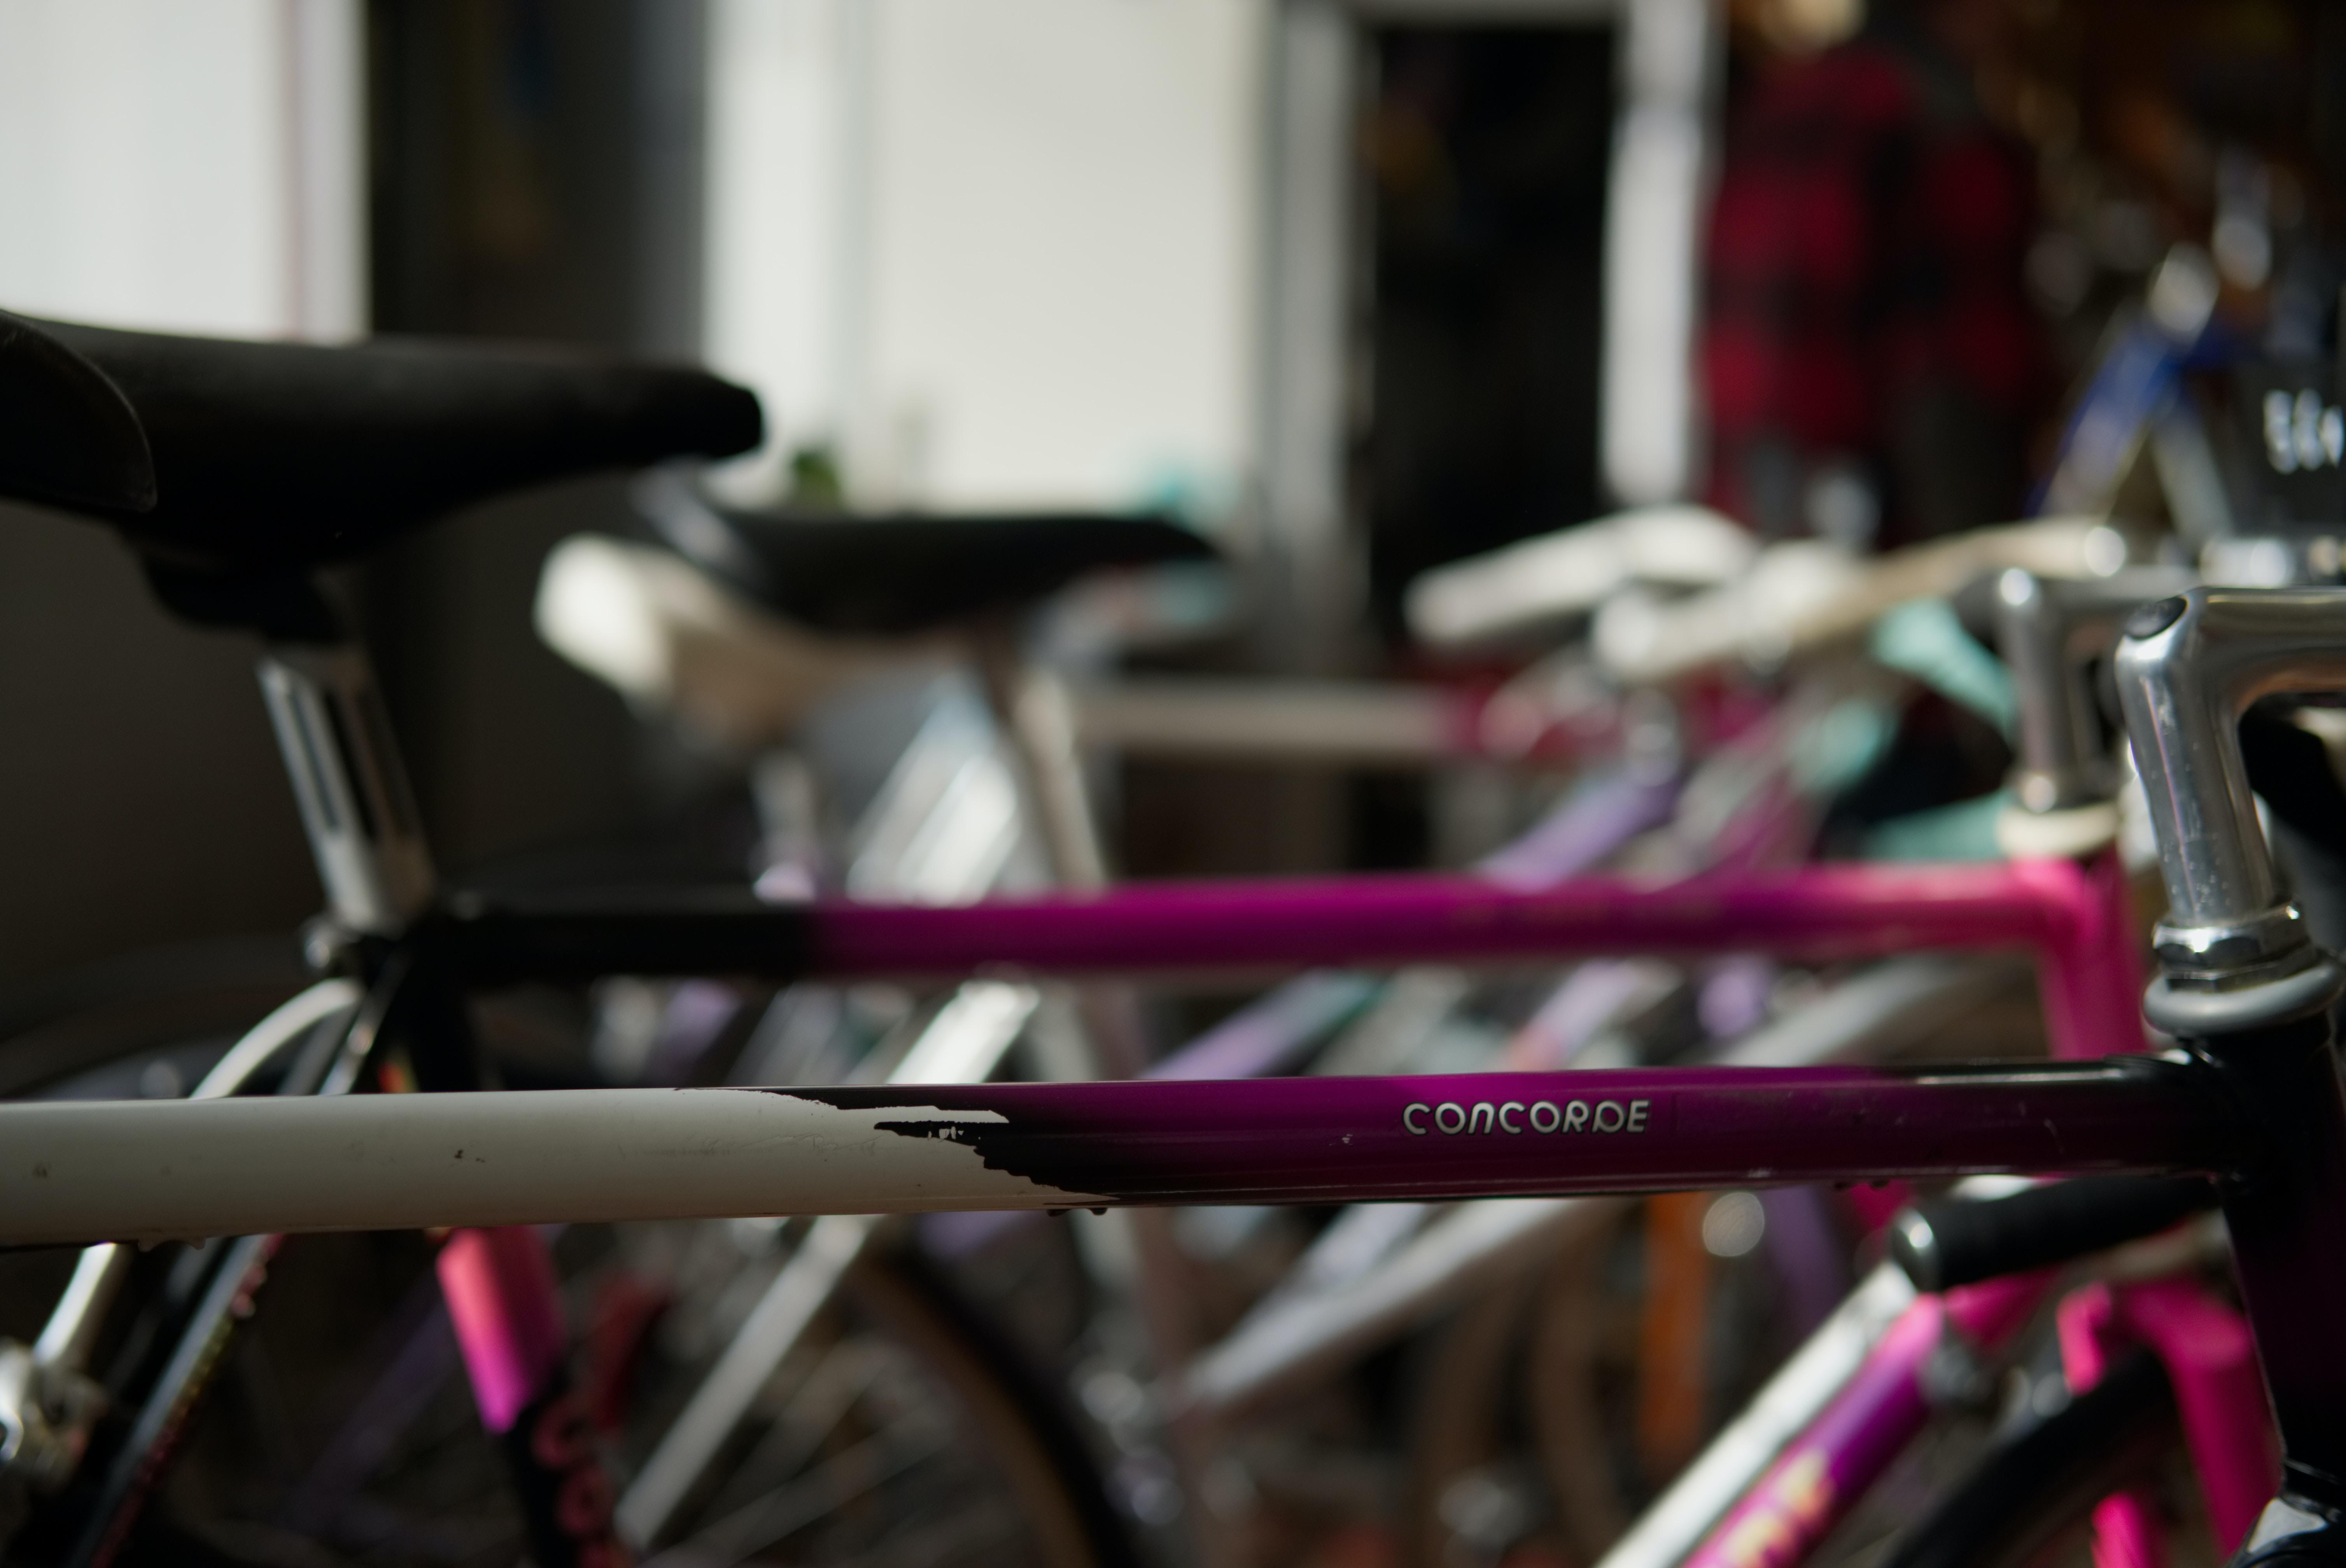 assorted-color bike lot inside room